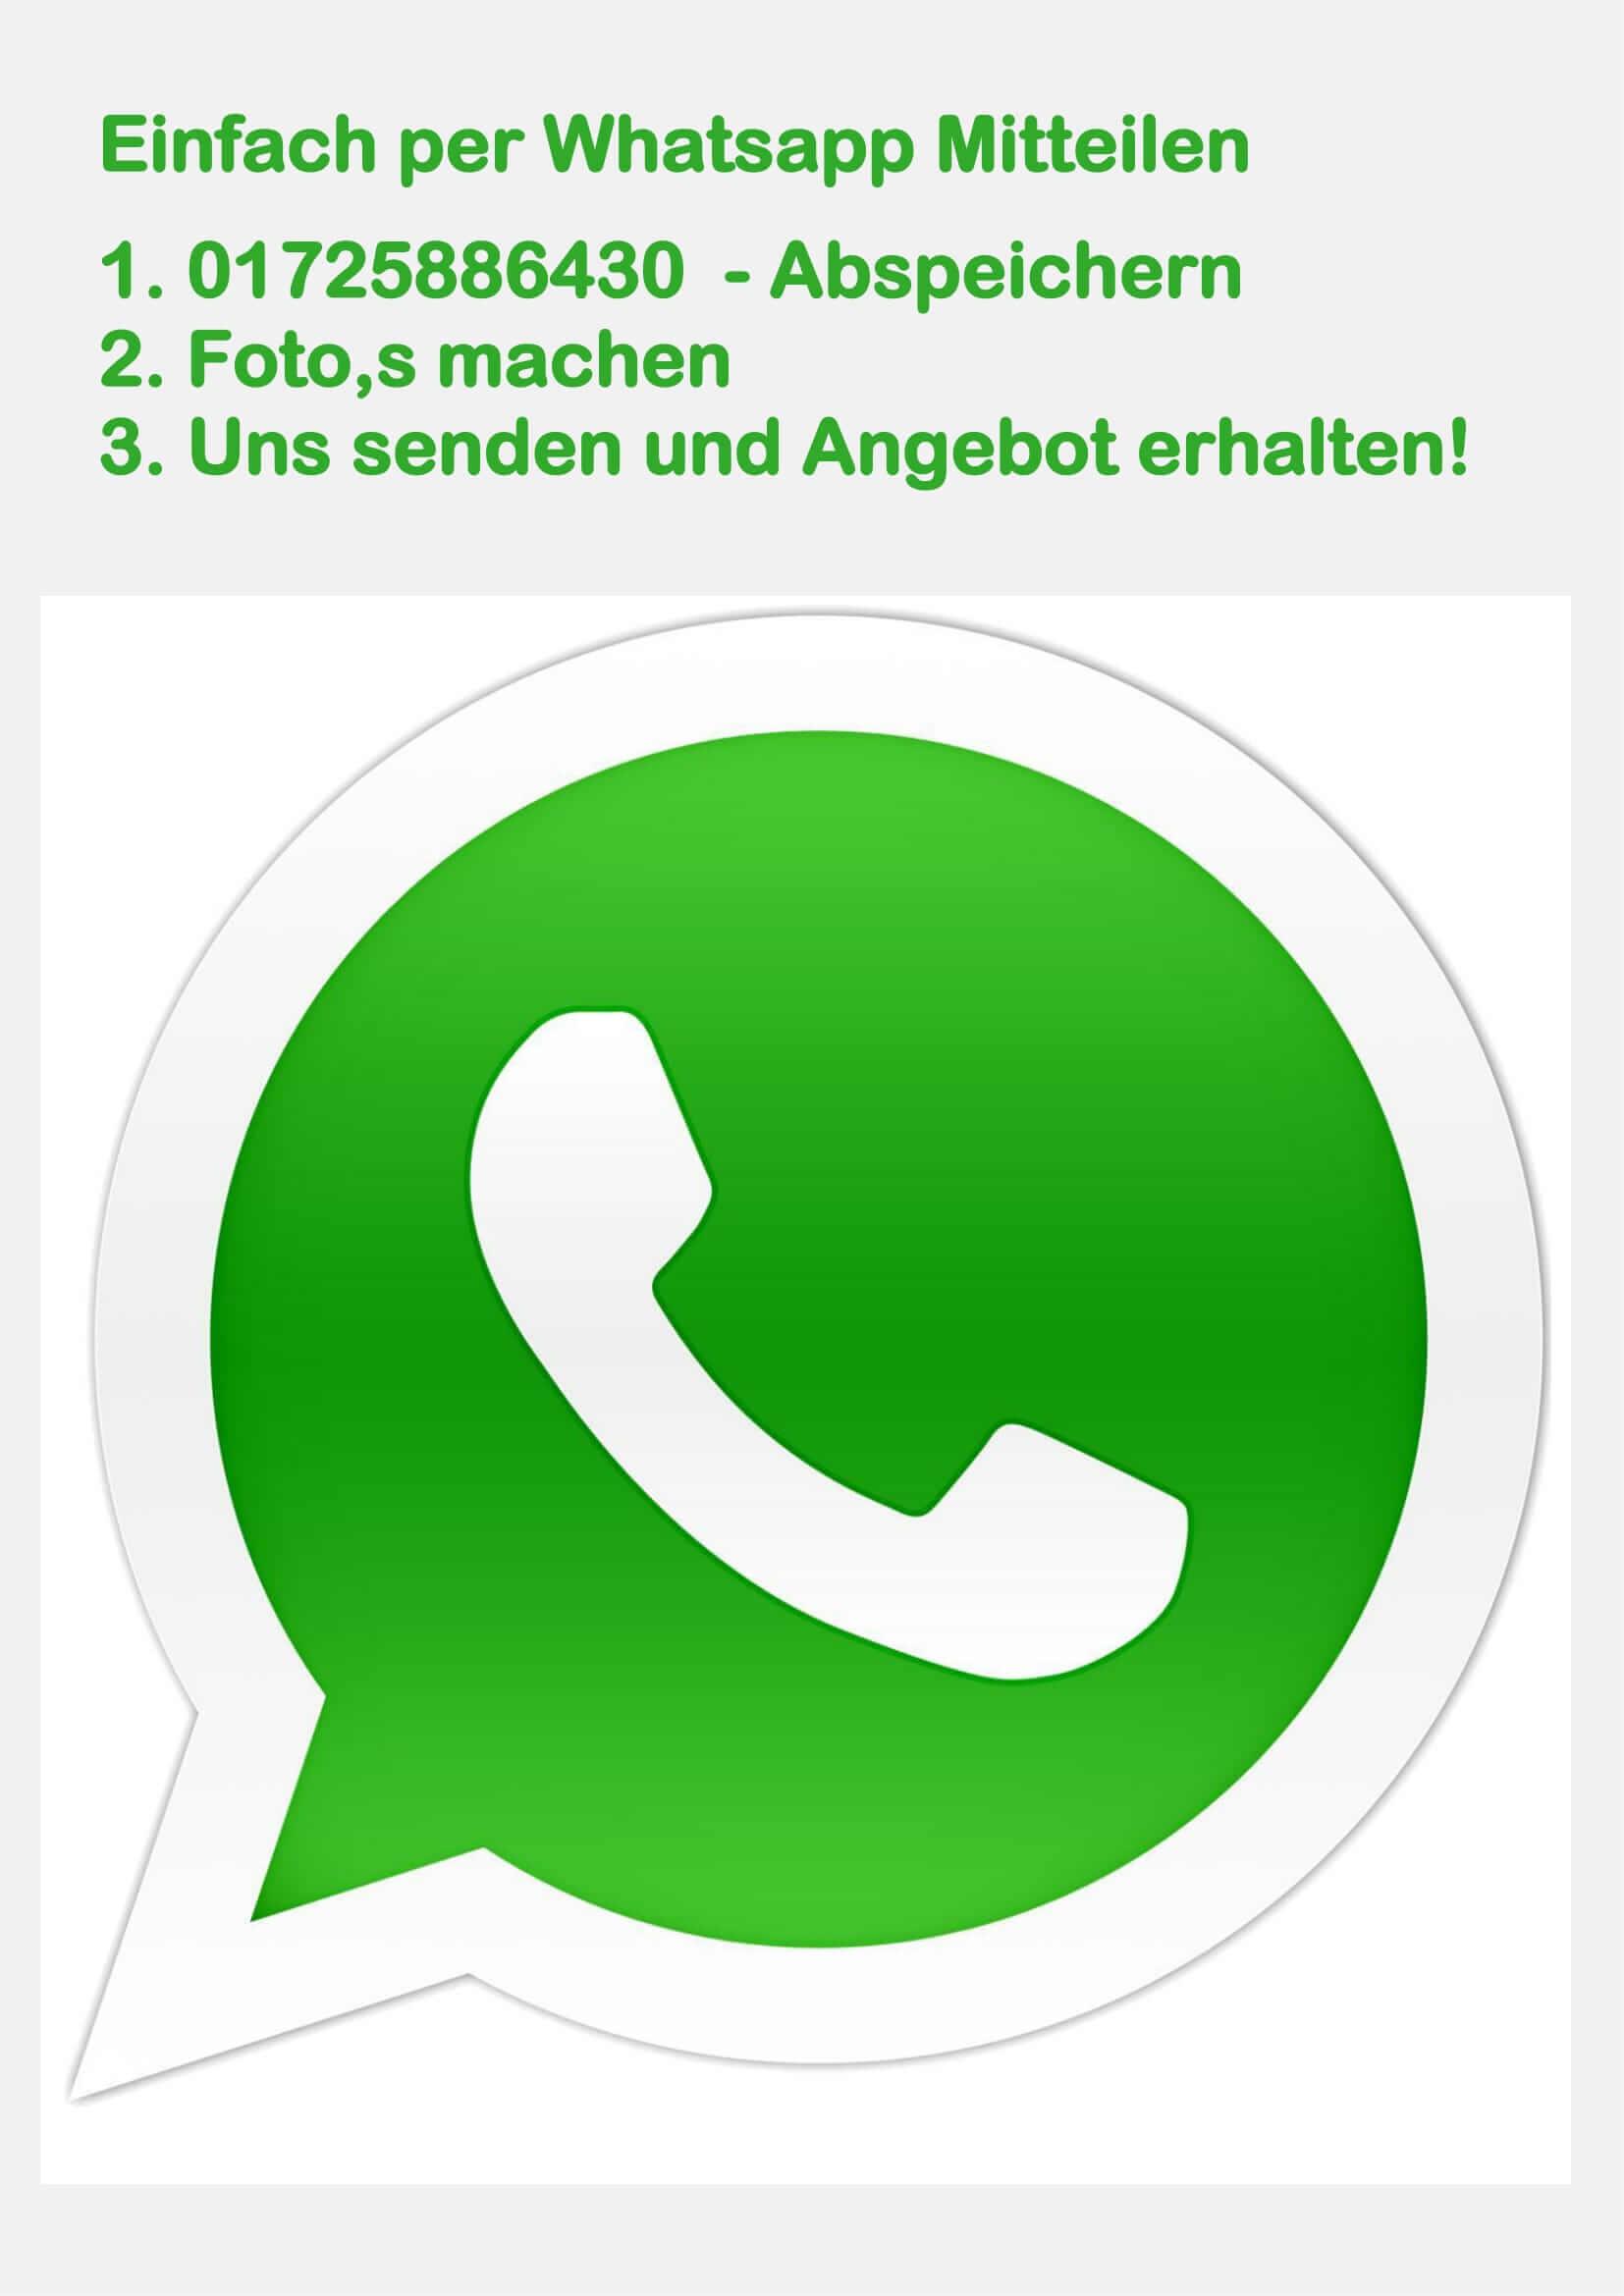 Auto verkaufen über Whatsapp